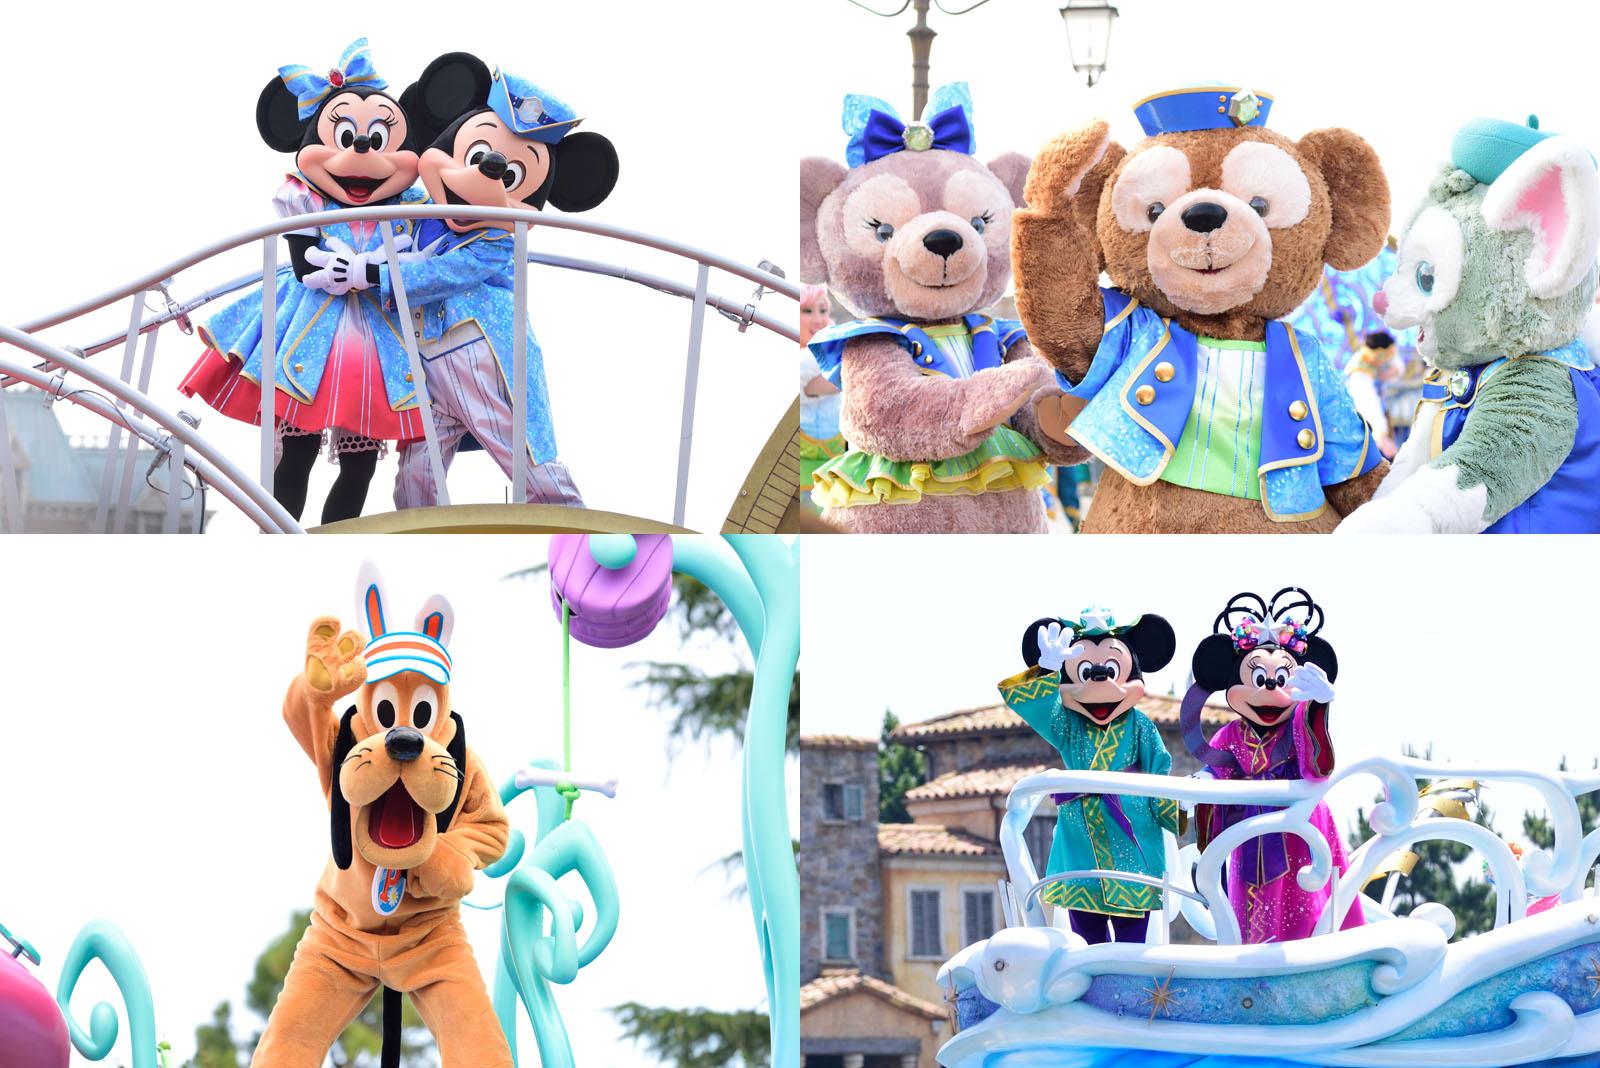 両パークで「ディズニー七夕デイズ2016」がスタート!パークレポート